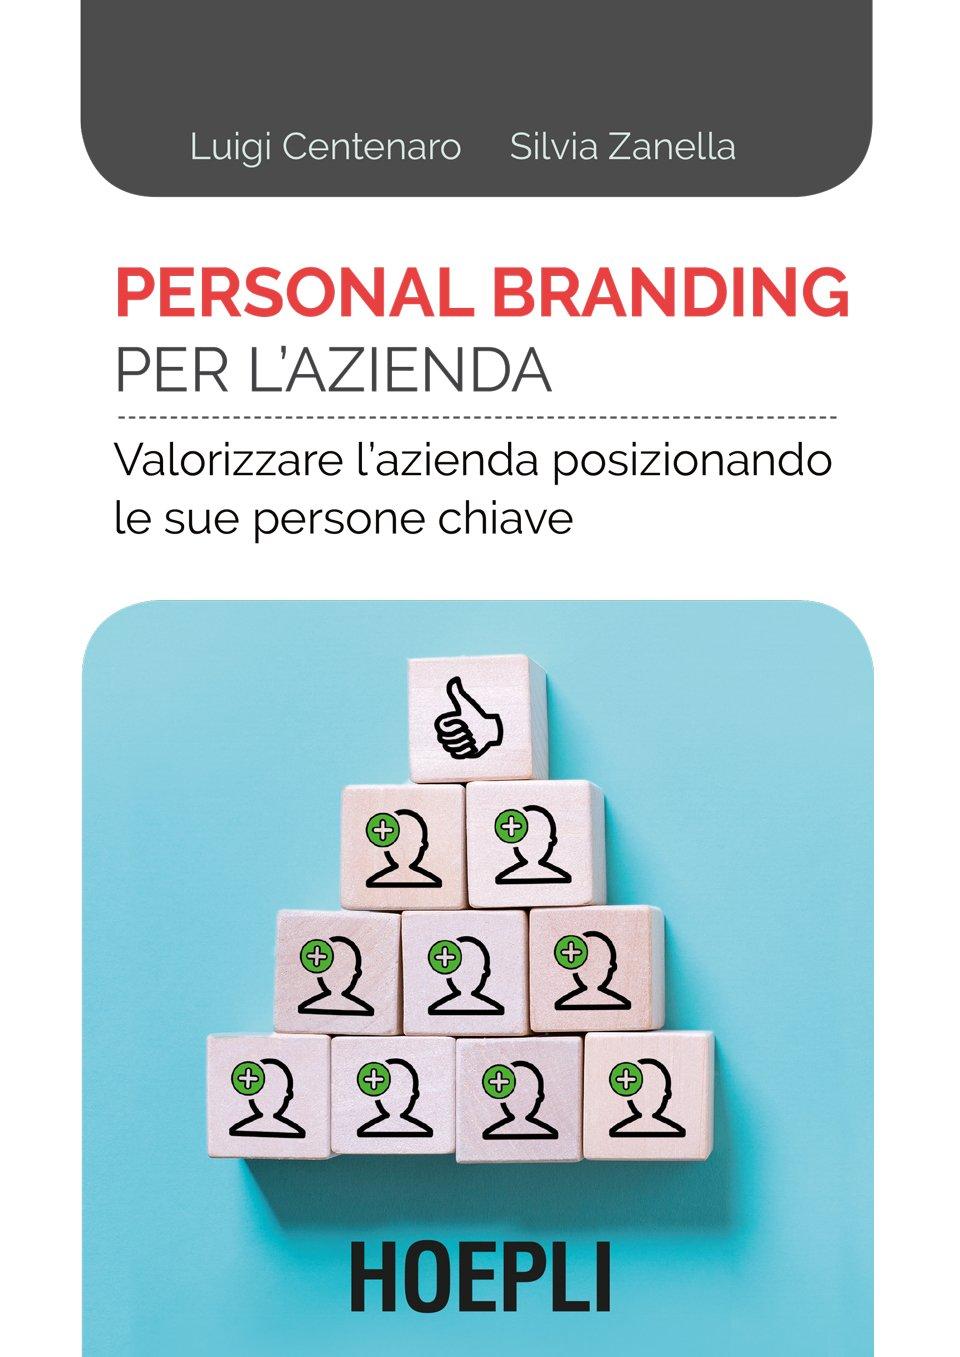 Libro sul personal branding per l'azienda